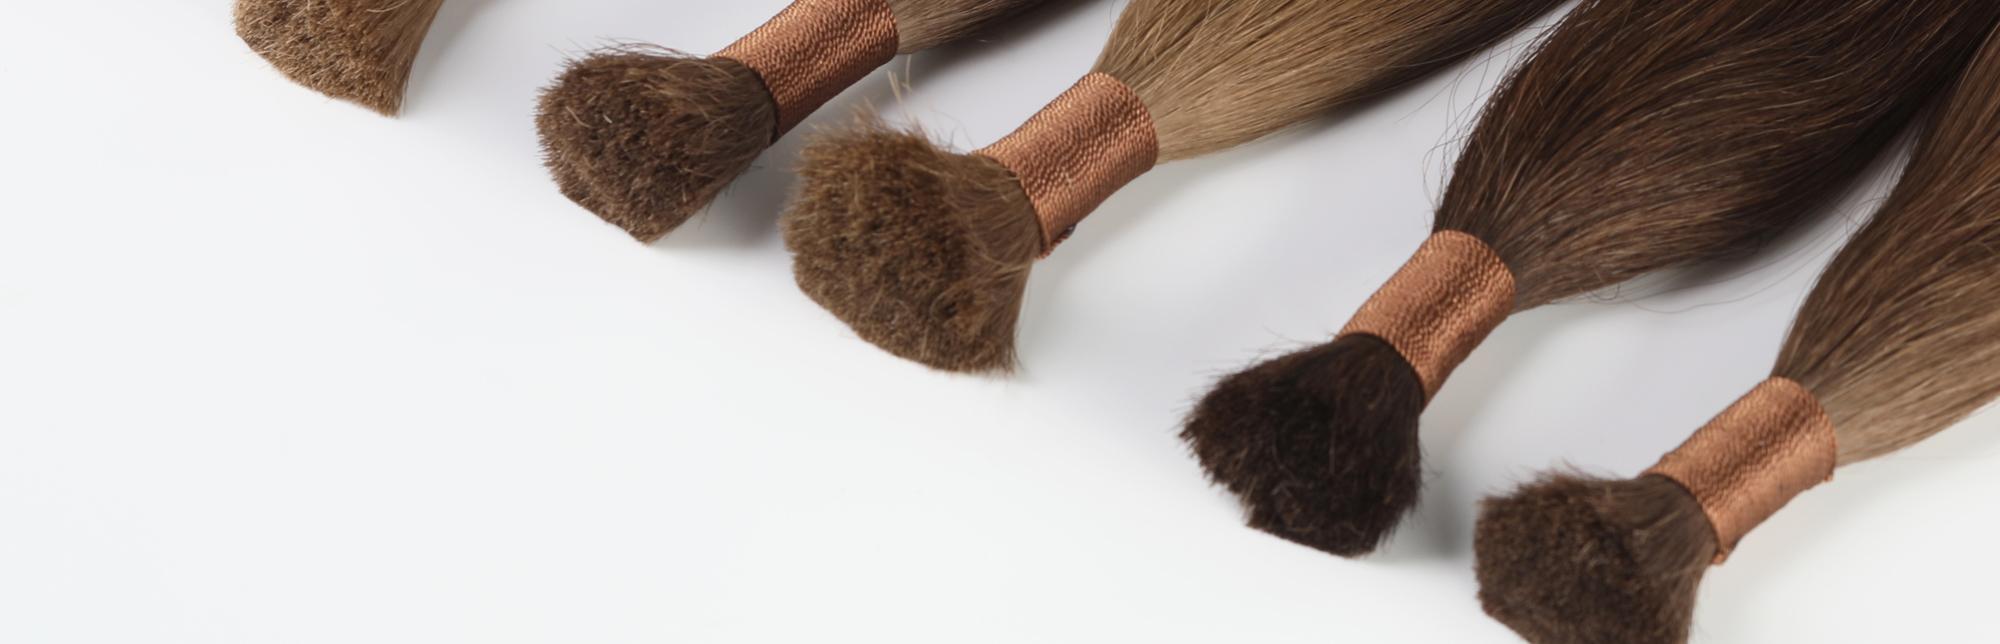 Срезы волос для наращивания